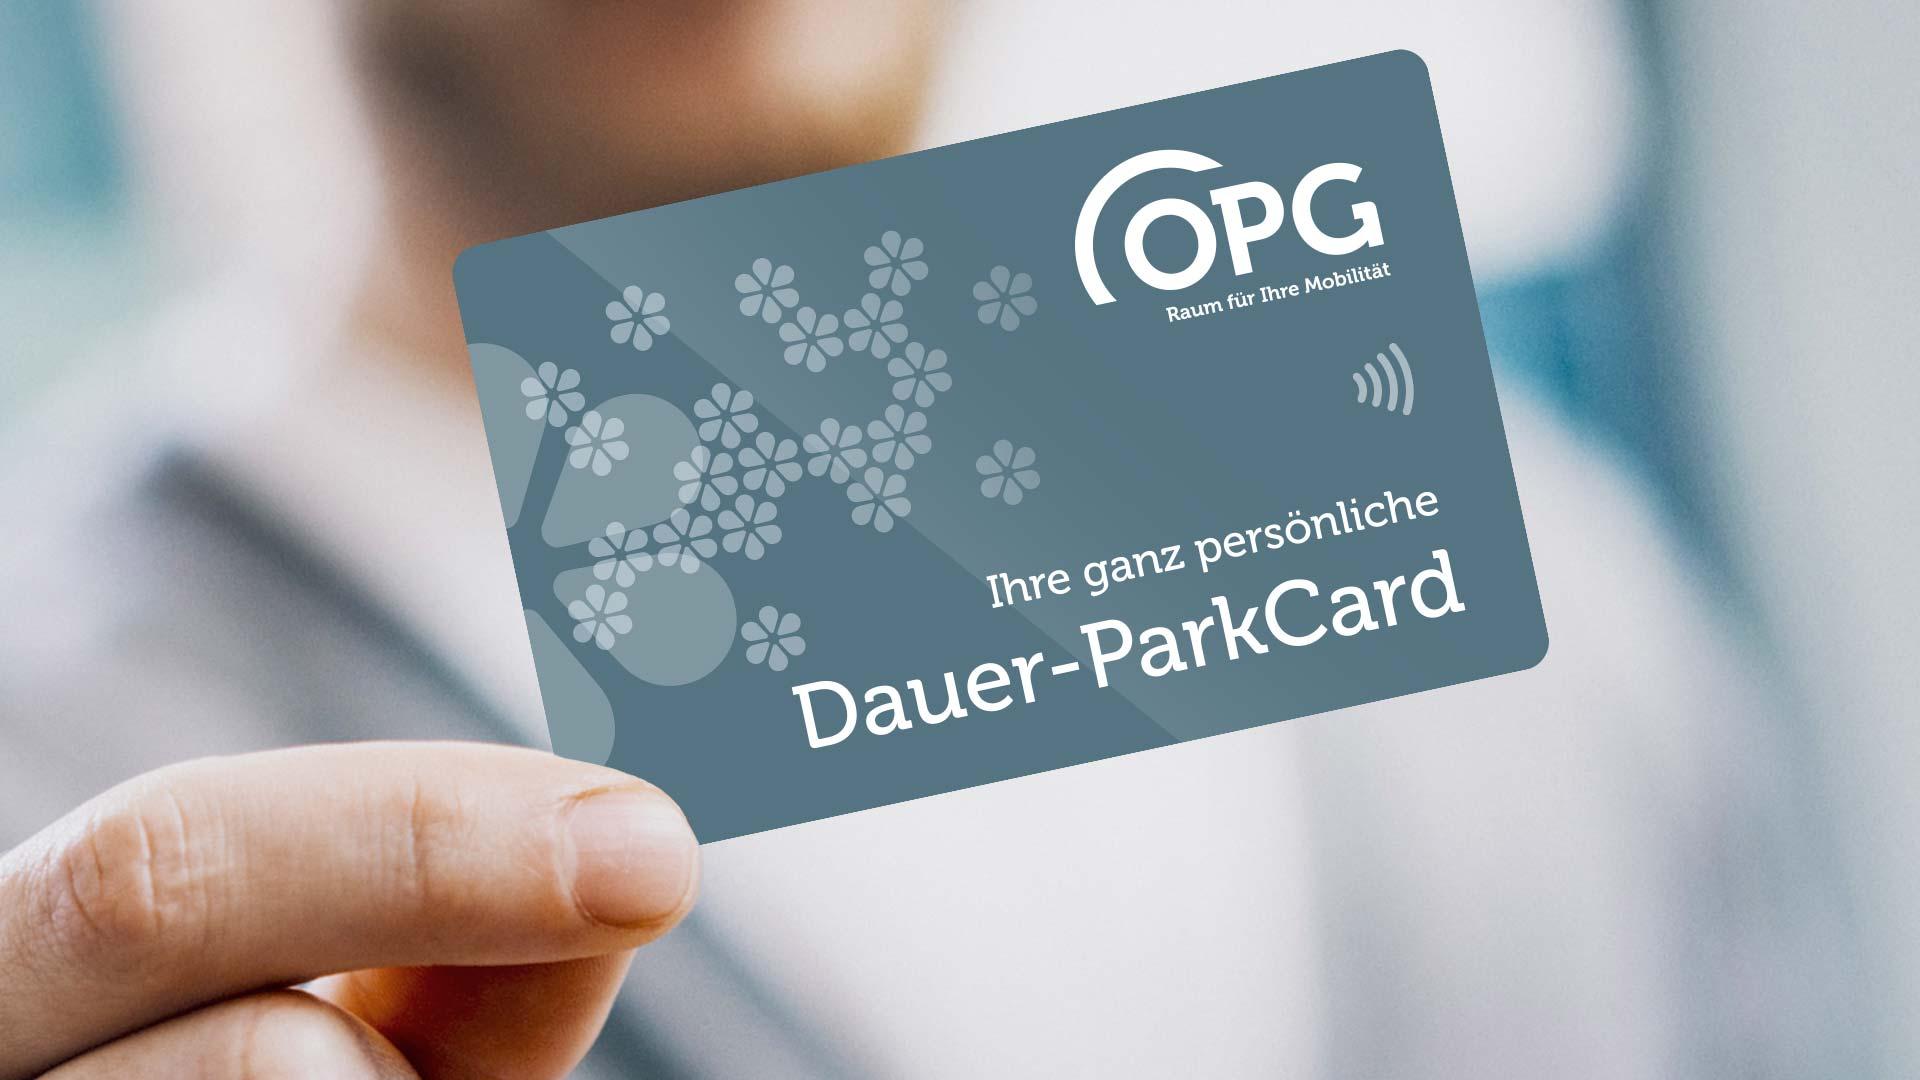 Mit der OPG Dauer-ParkCard mieten Sie einen verfügbaren Dauer-Parkplatz in einem OPG-Parkhaus Ihrer Wahl